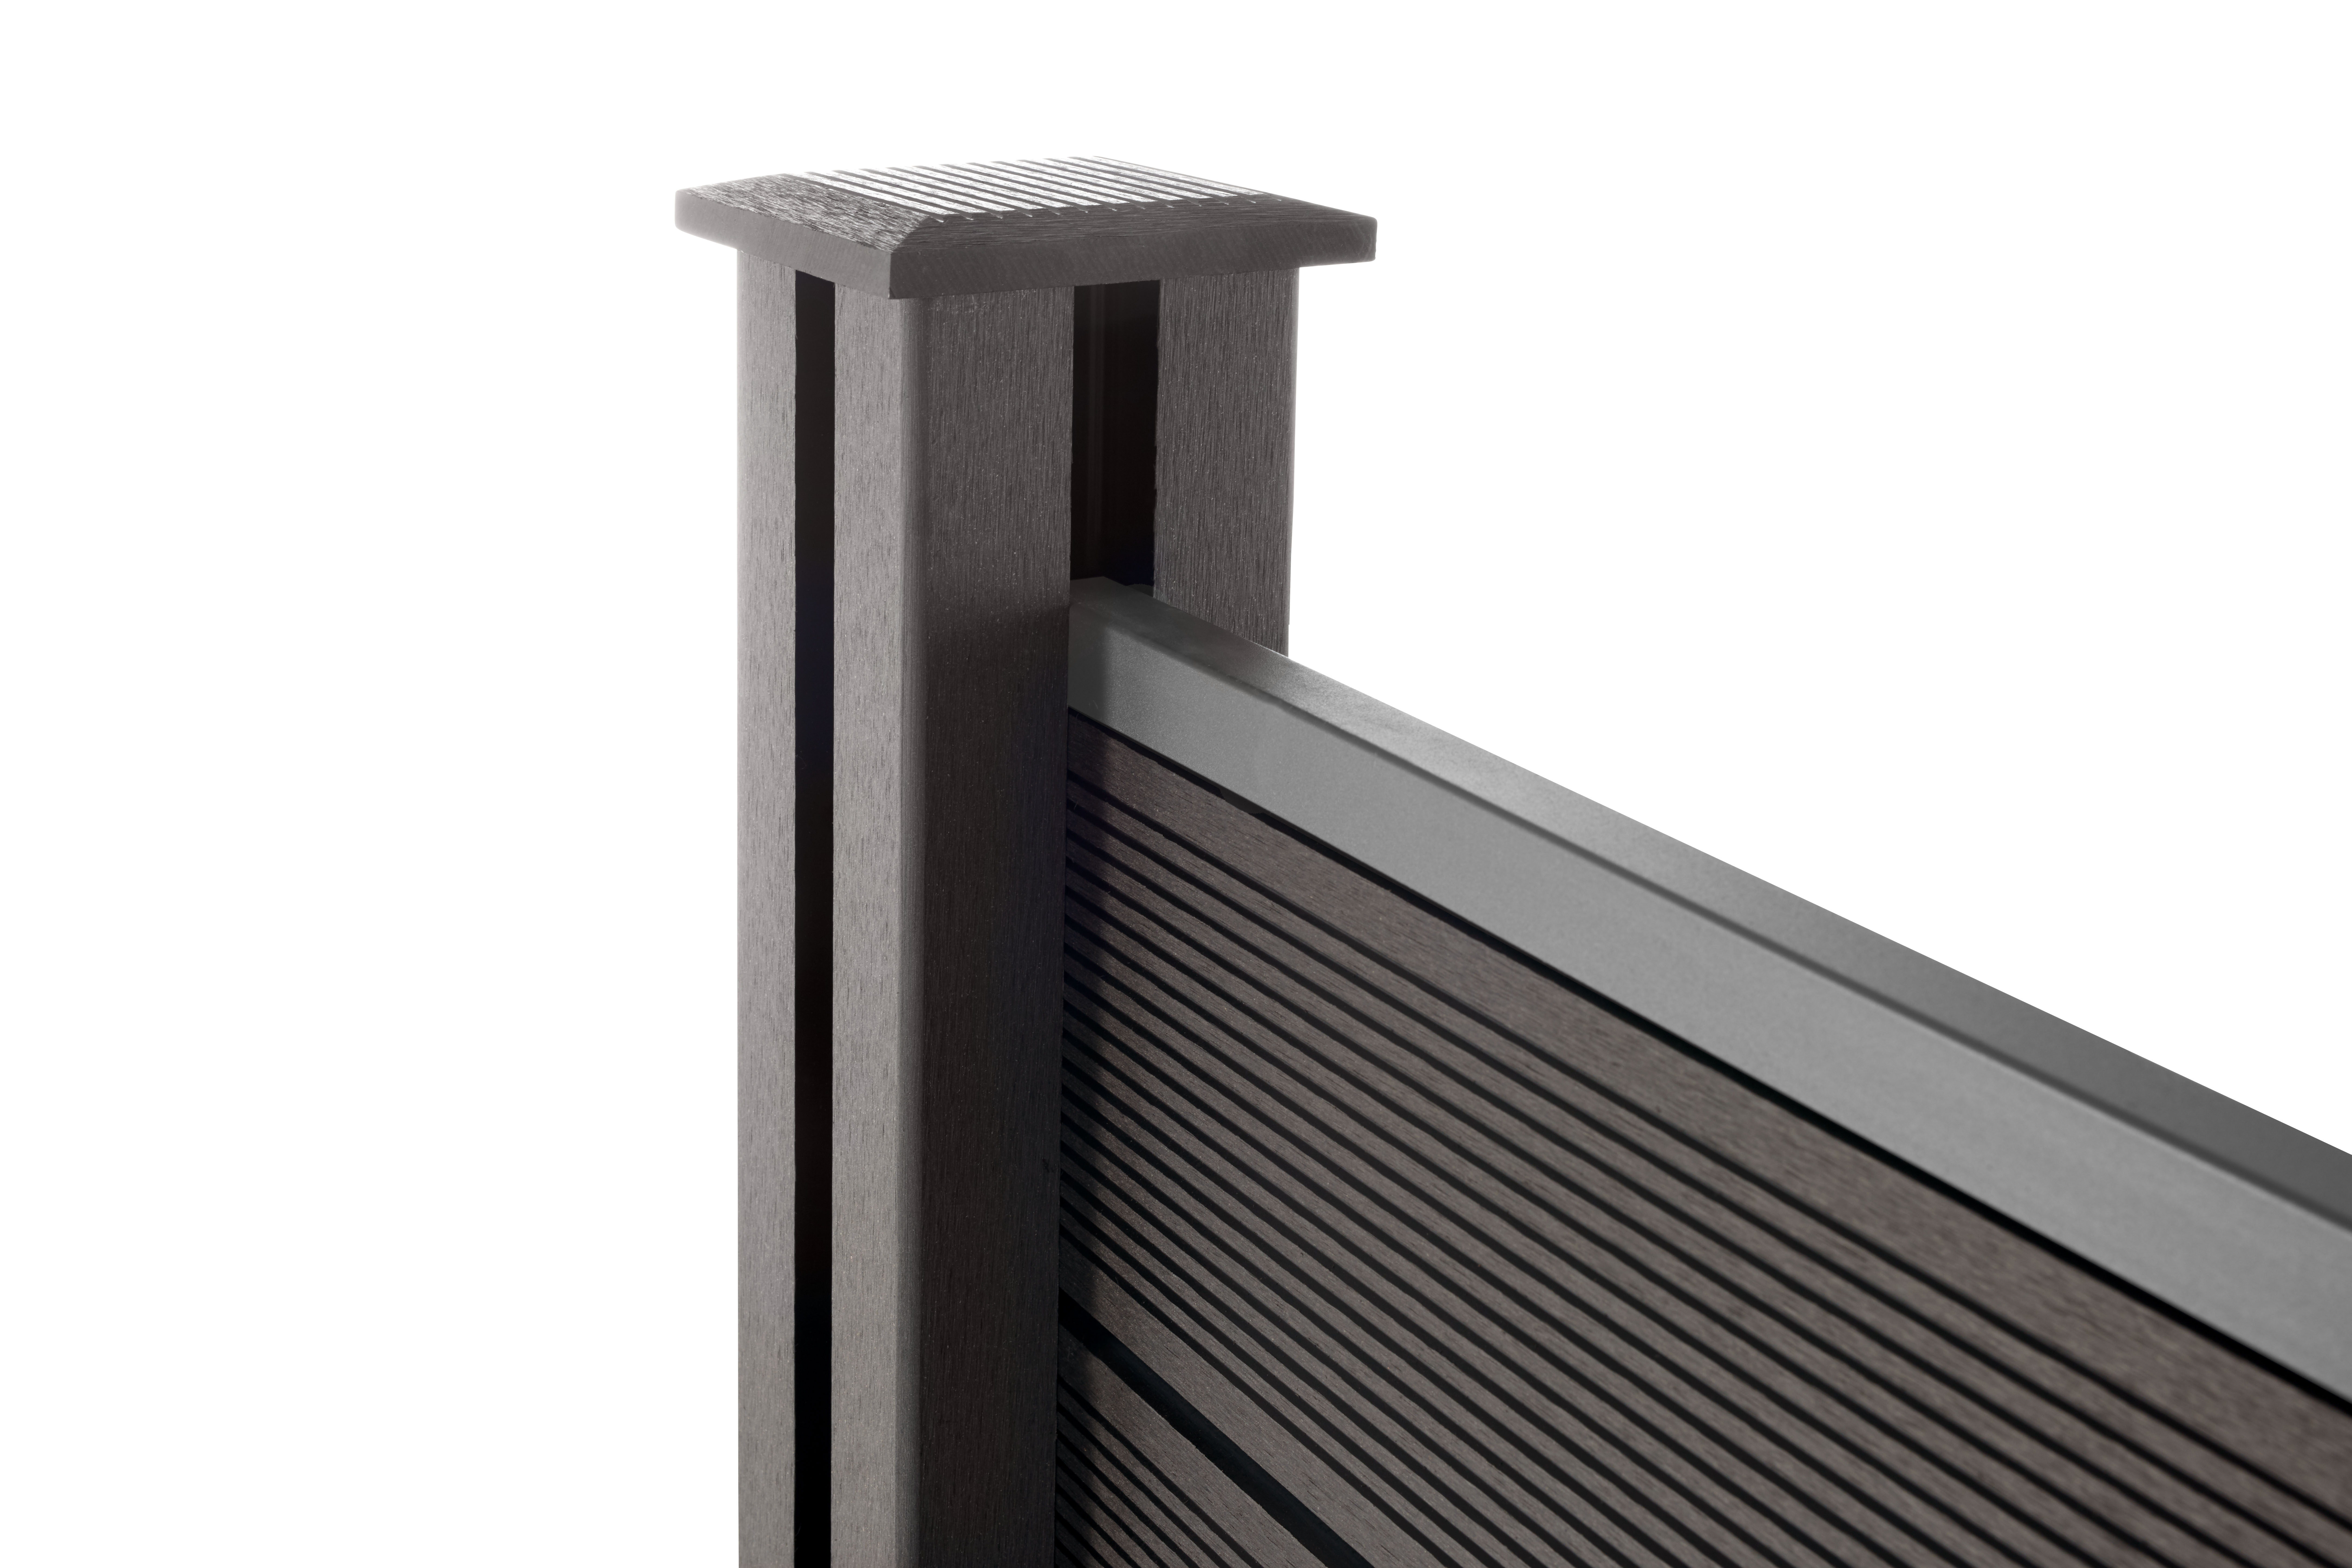 wpc sichtschutzzaun set gartenzaun sichtschutz windschutz l rmschutz 180x180 cm ebay. Black Bedroom Furniture Sets. Home Design Ideas